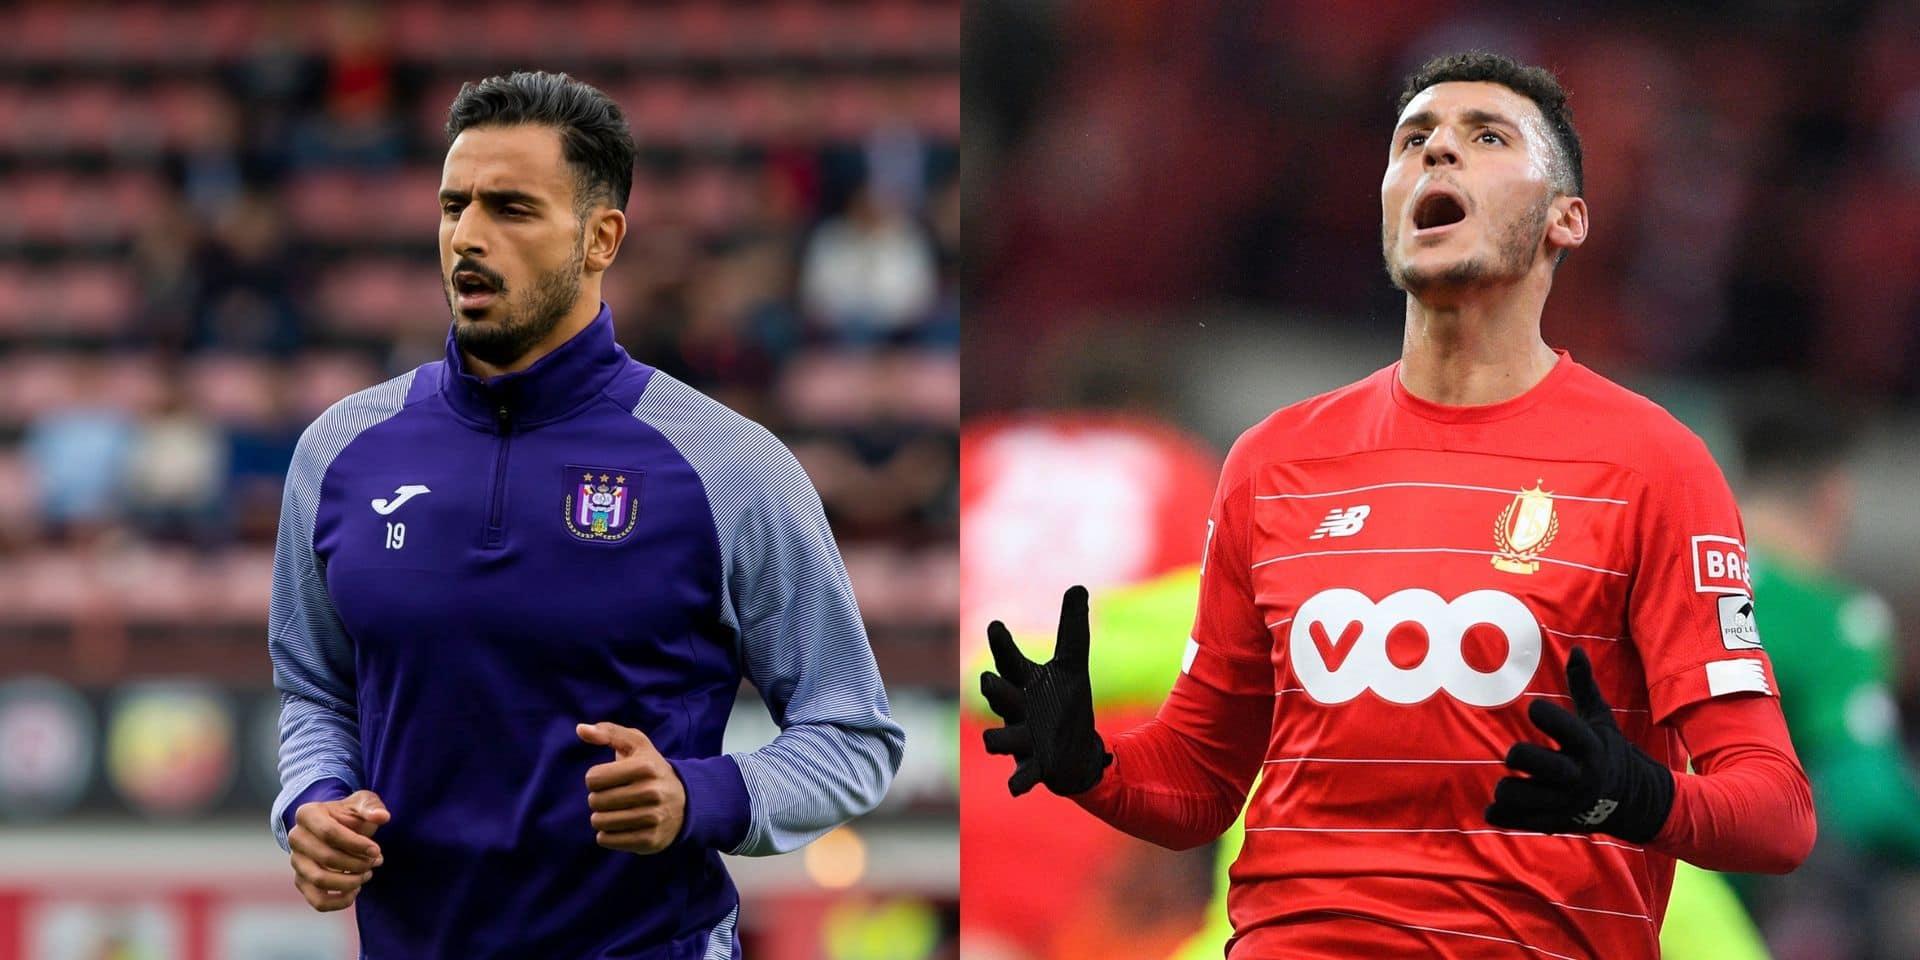 """Nacer Chadli donne son avis sur la Pro League : """"S'il bosse, Amallah aura un bel avenir"""""""